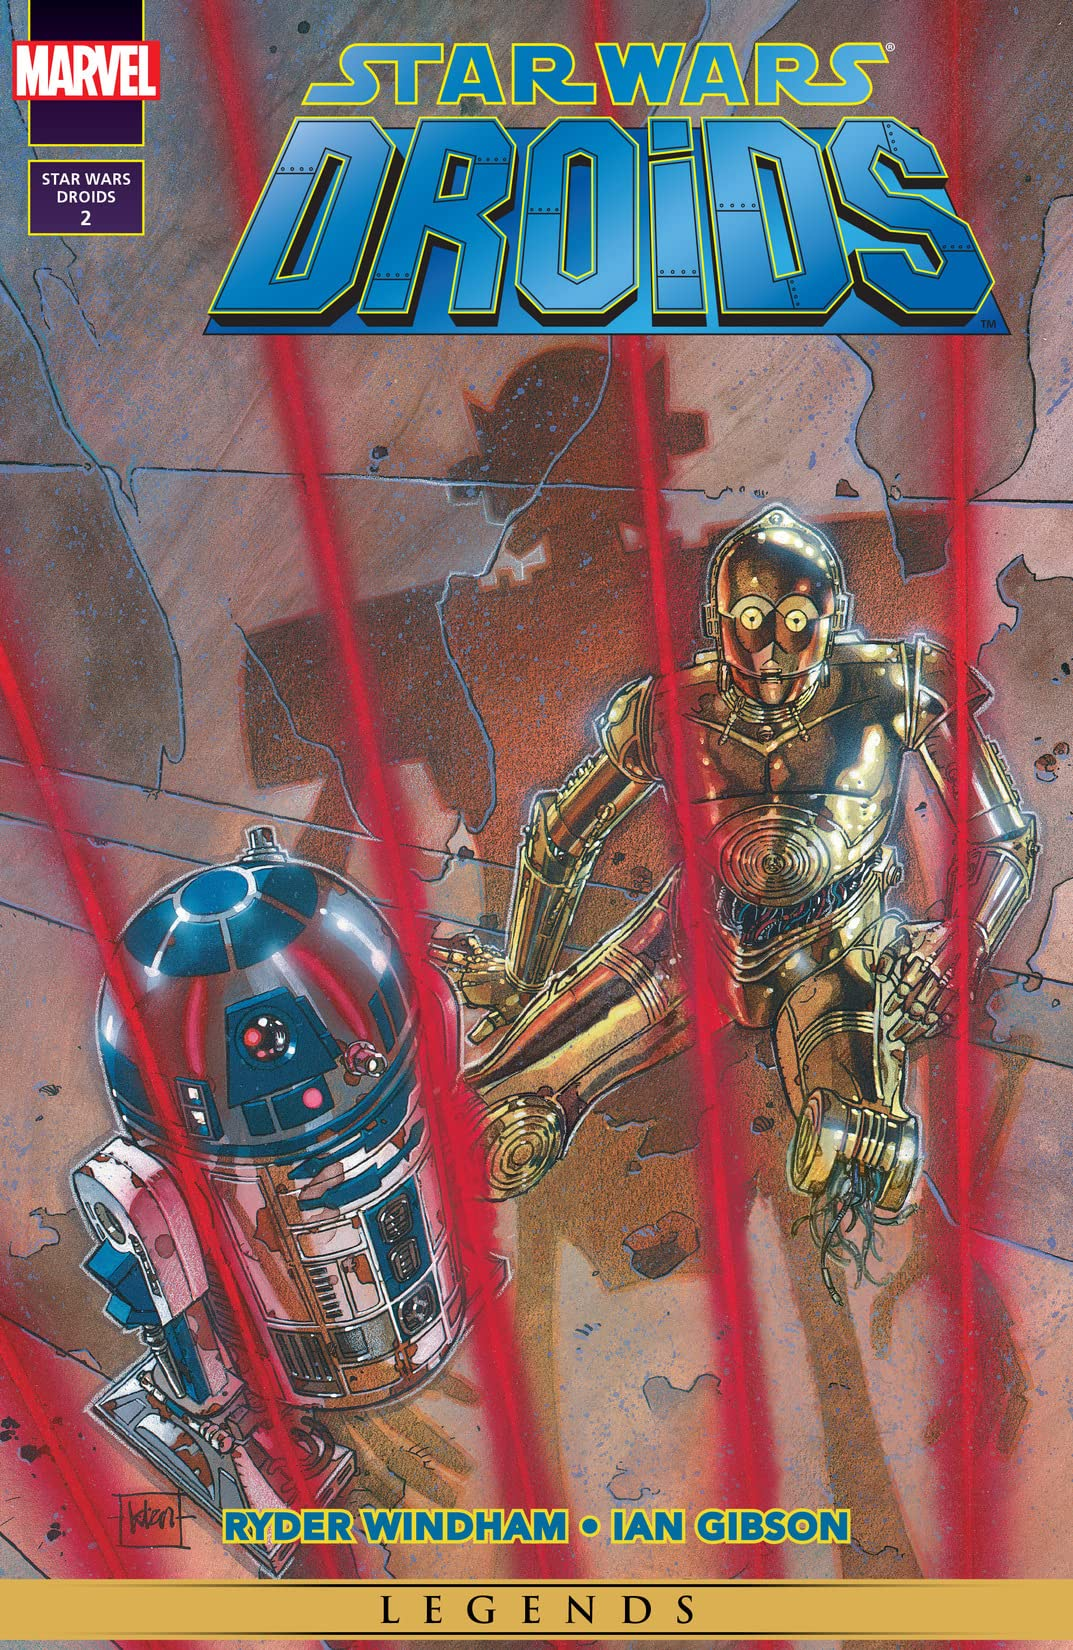 Star Wars: Droids (1995) #2